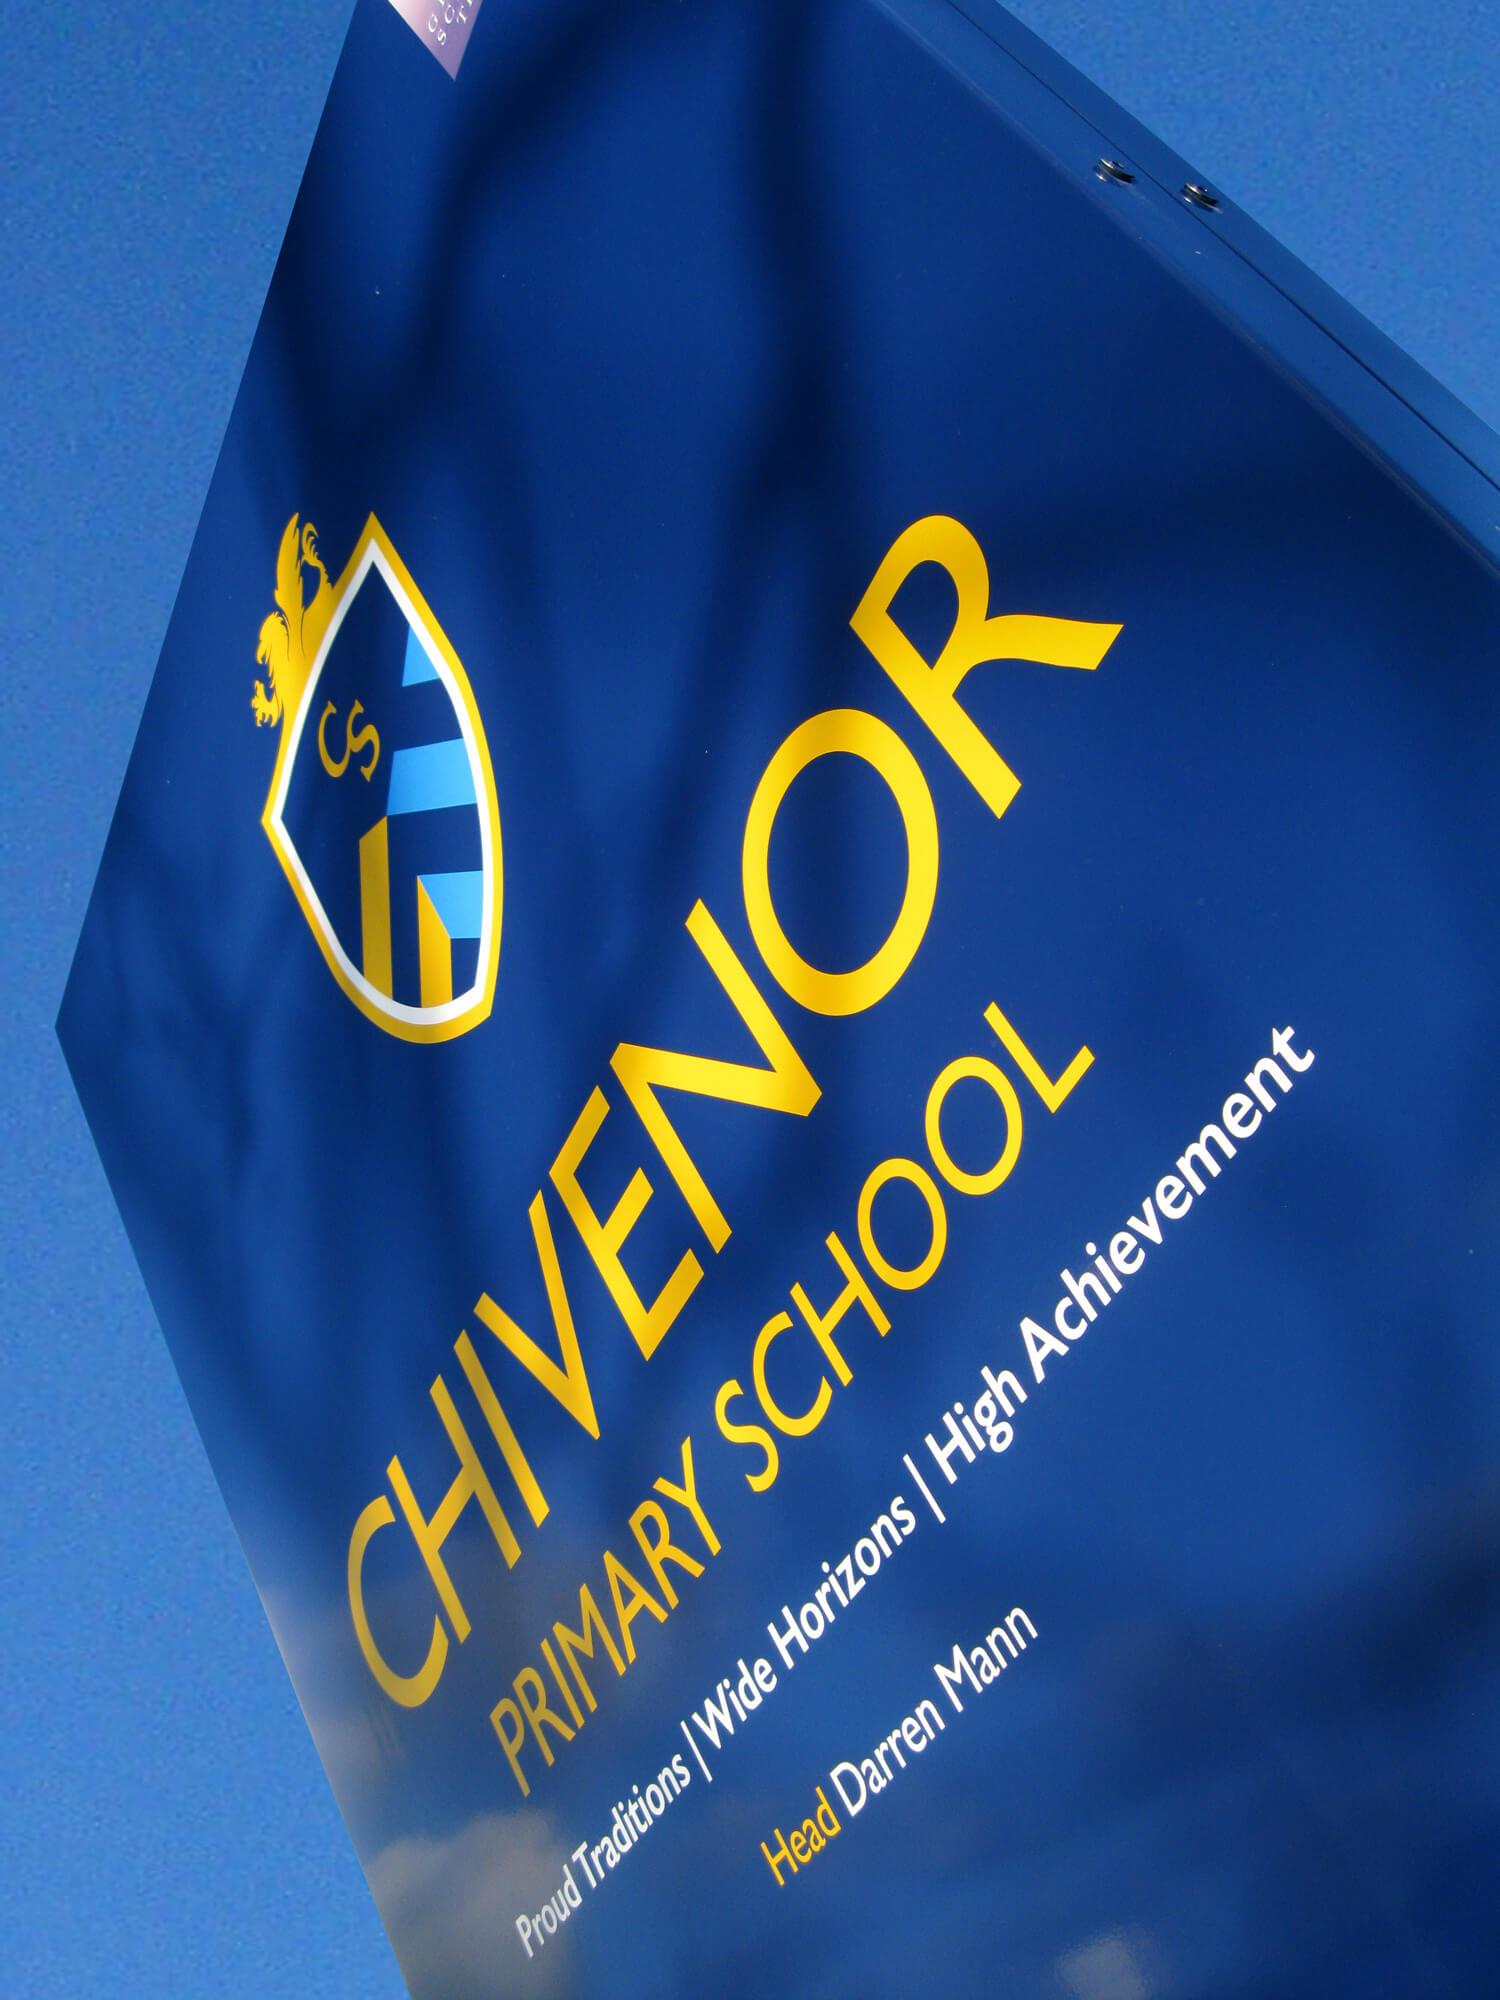 chivenor_primary_school_totem_02.jpg